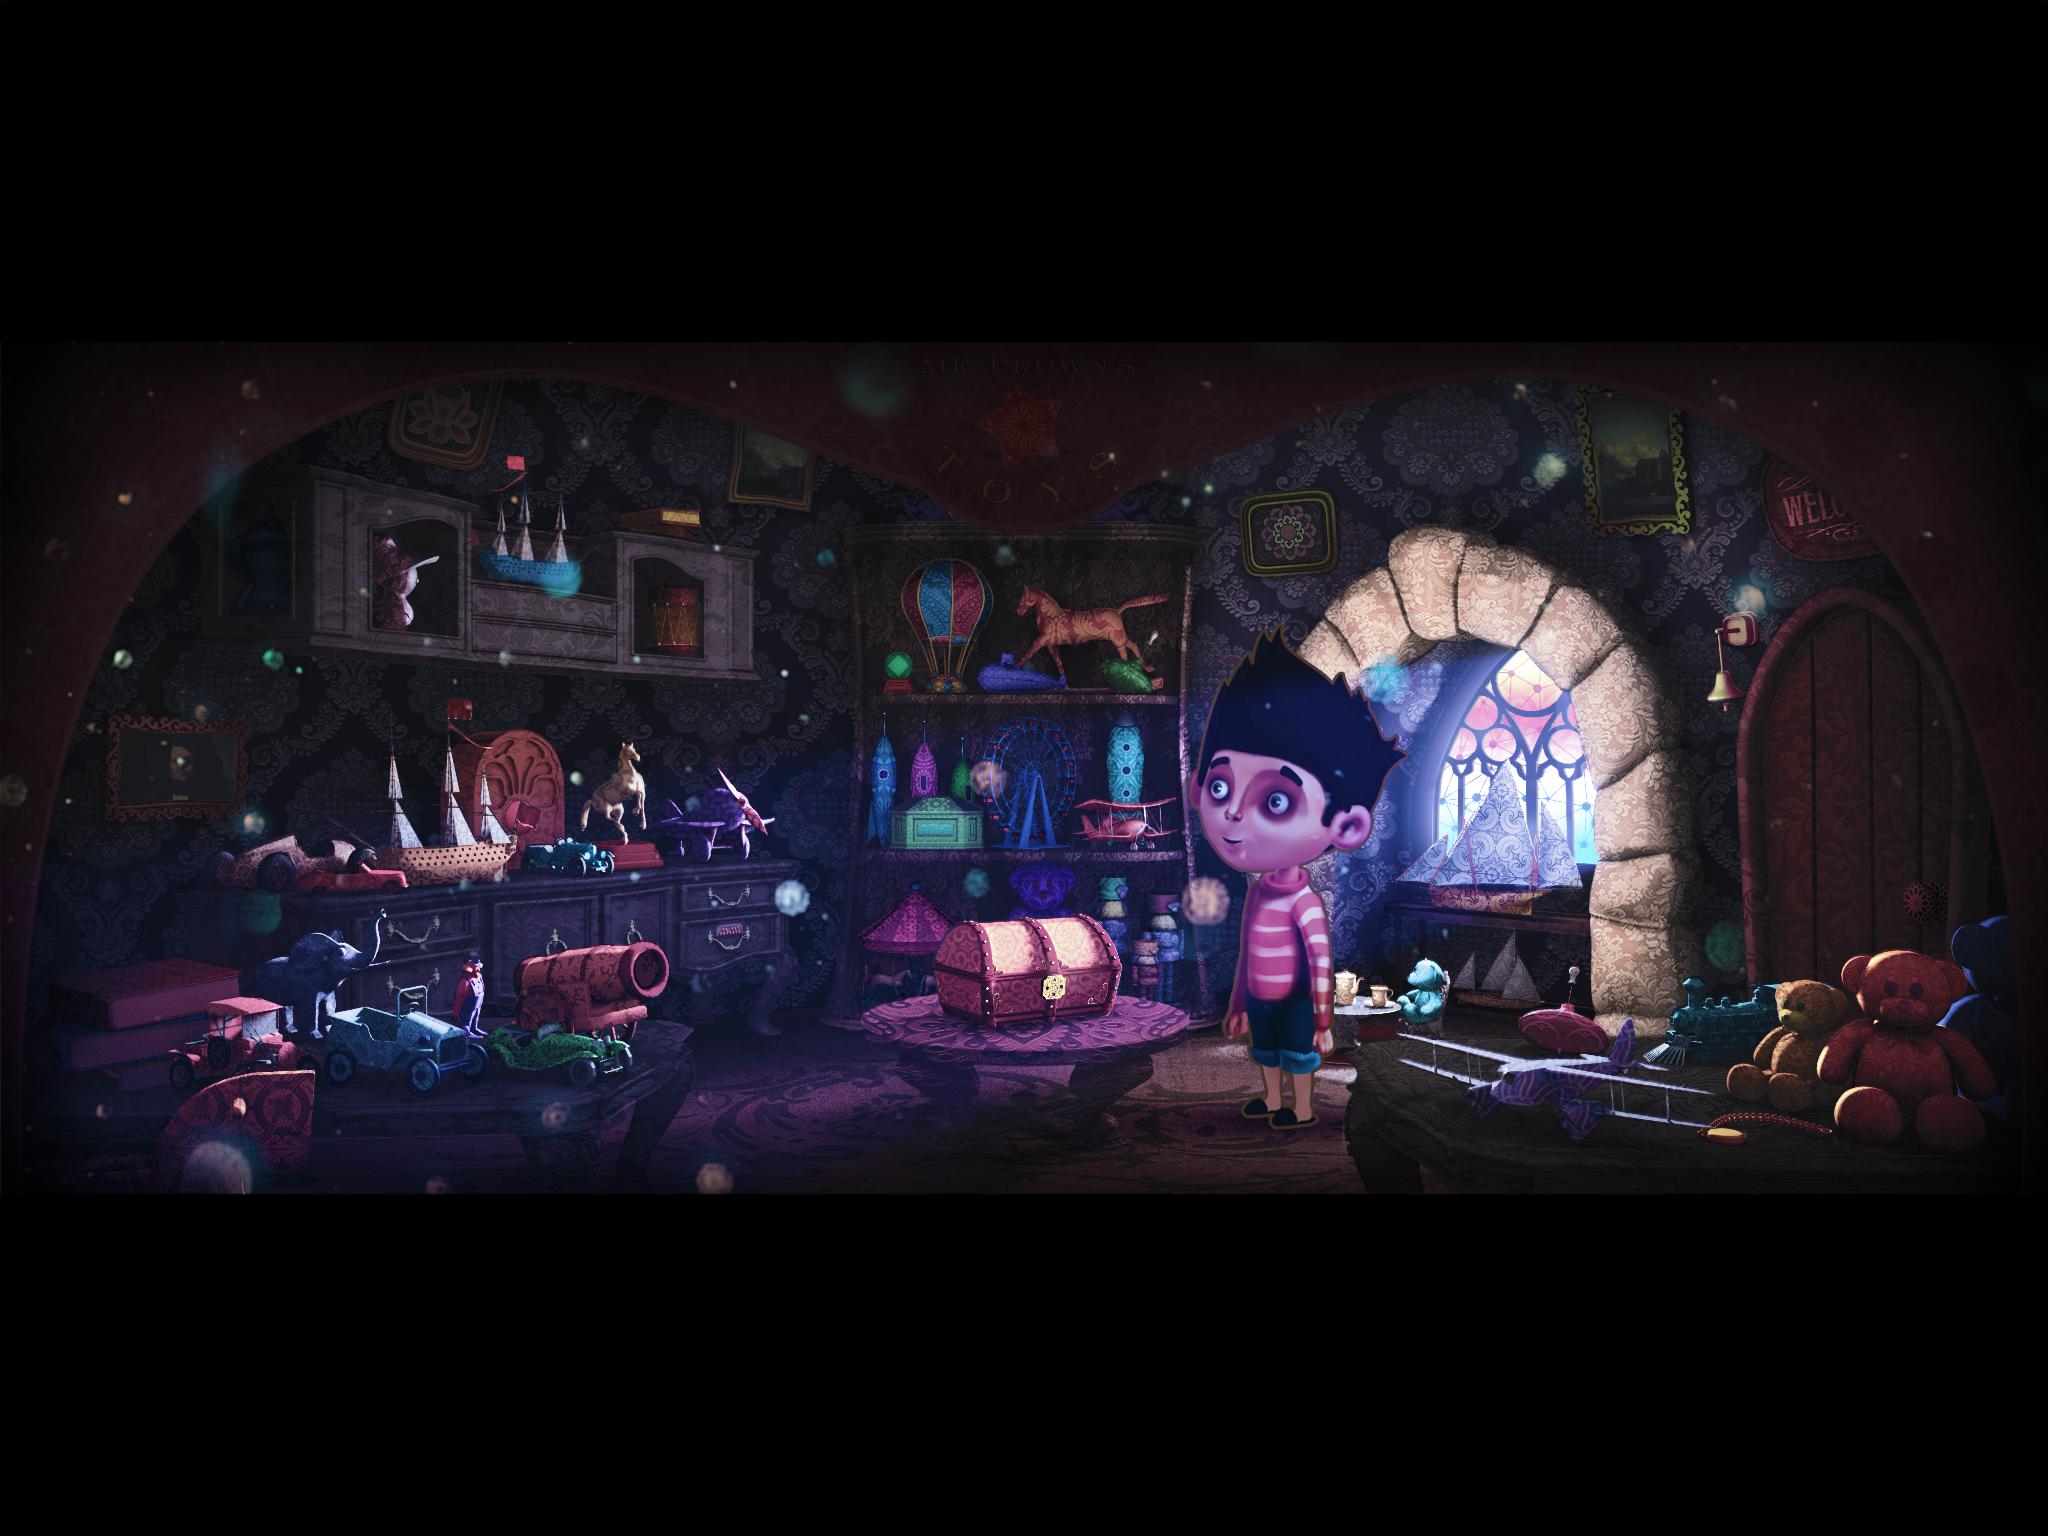 Мальчик, котики и подземелье - Изображение 1